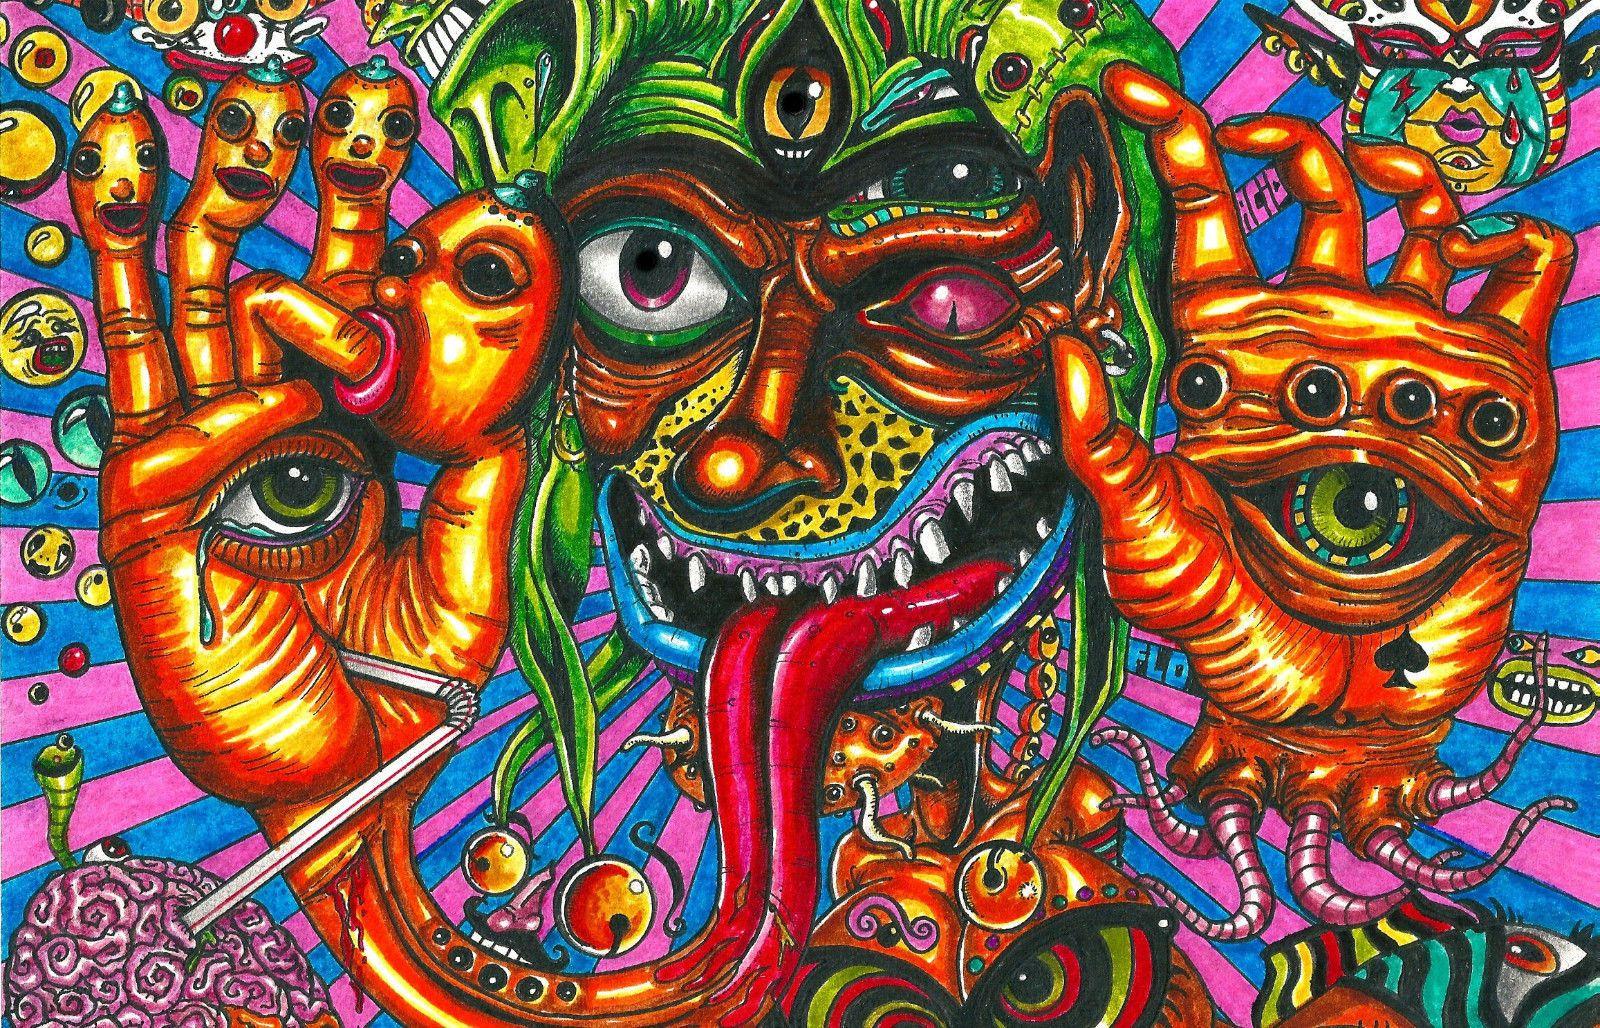 4.95 GBP - Framed Print - Psychedelic Lsd Acid Trip Hallucinations